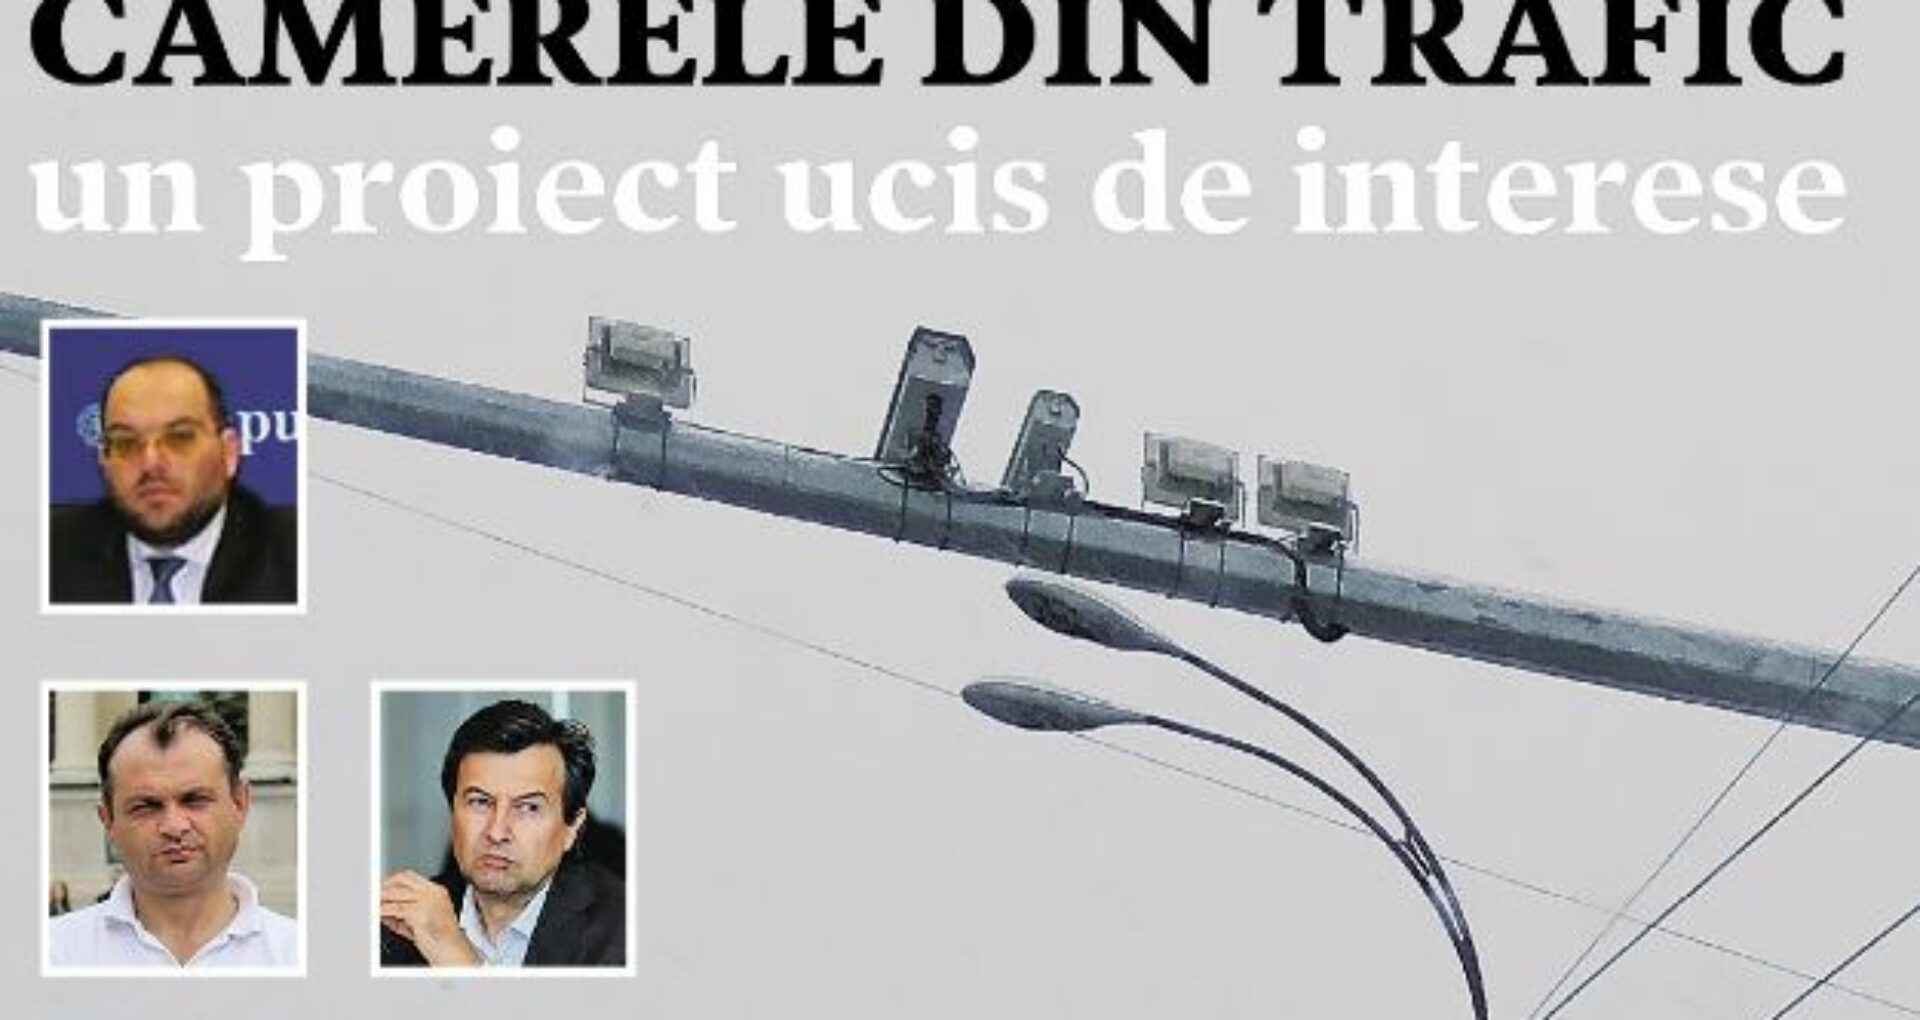 Camerele de supraveghere a traficului, un proiect ucis de interese